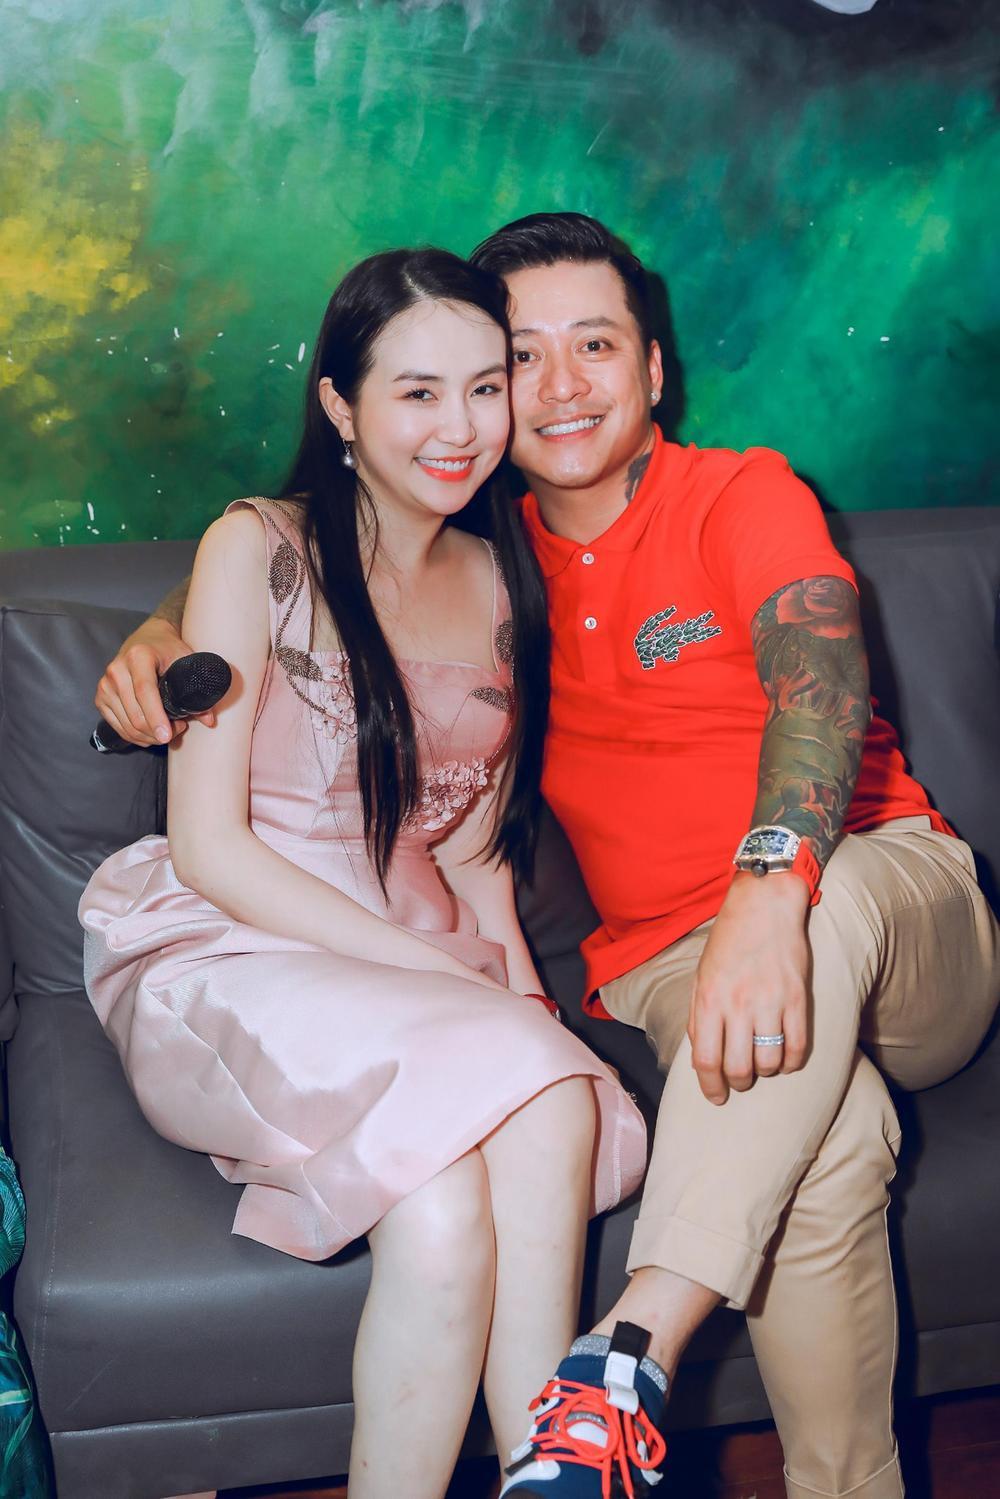 Tuấn Hưng hạnh phúc vì được bà xã Hương Baby tổ chức sinh nhật bất ngờ Ảnh 6